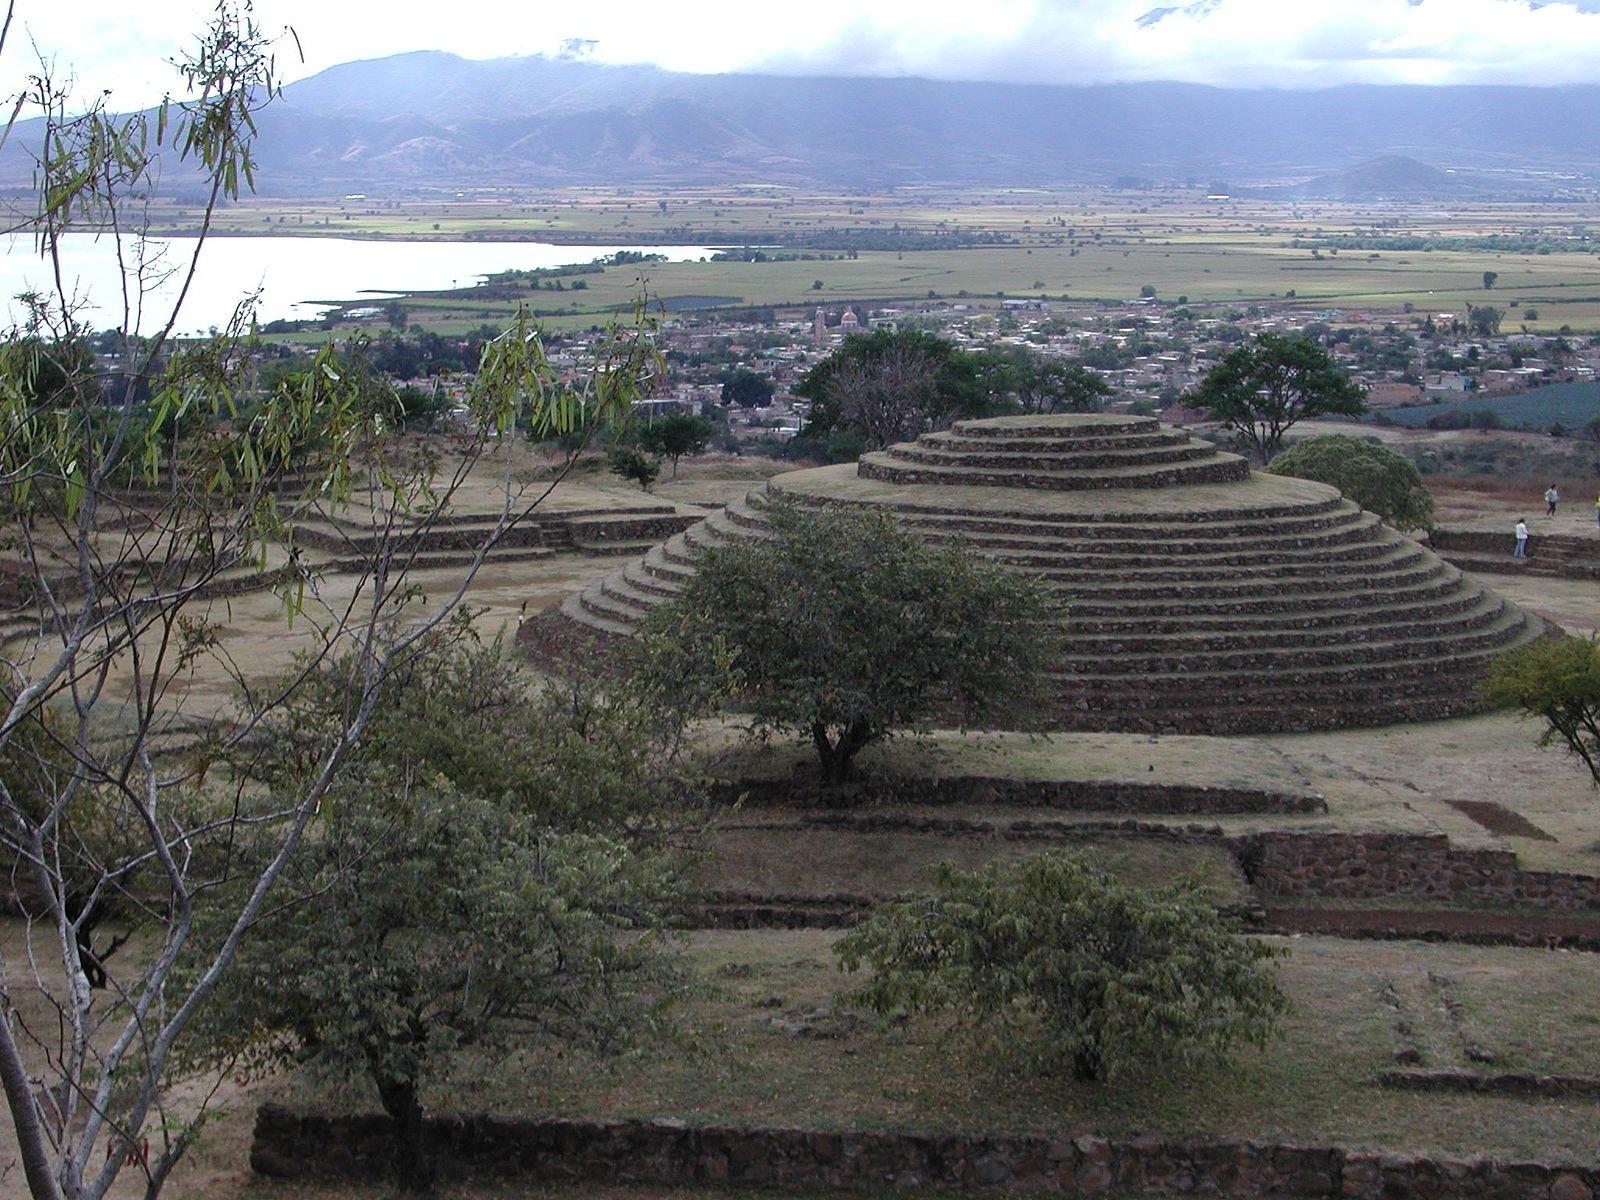 Pirâmide de Guachimontones, México